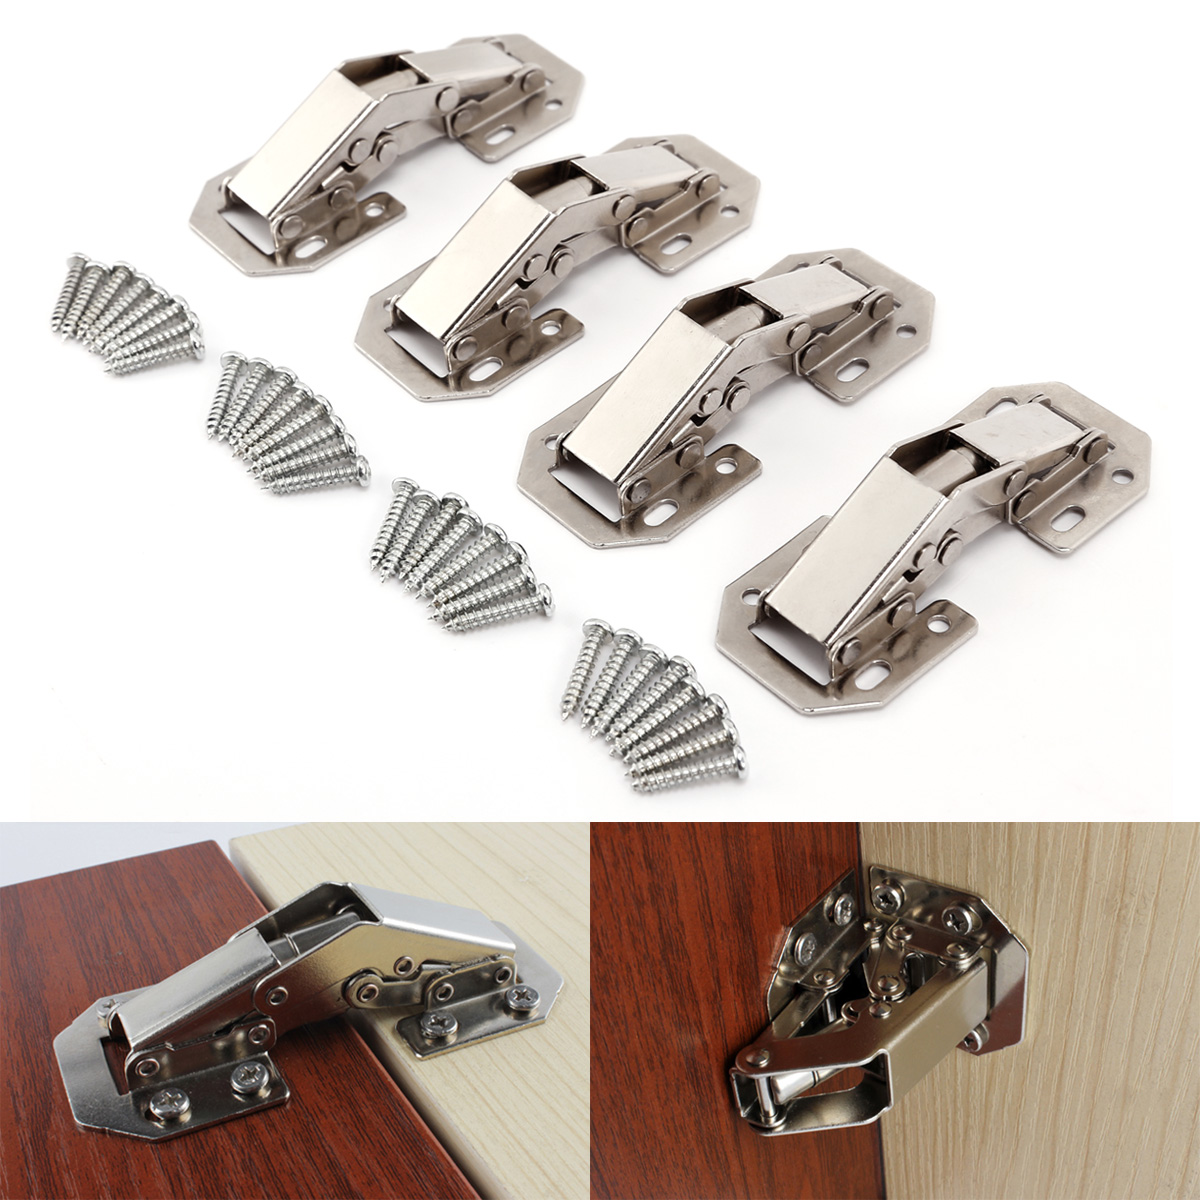 4pcs bisagra sin cazoleta de 77mm de 90 bisagras para muebles superpuesta ebay - Bisagras sin cazoleta ...